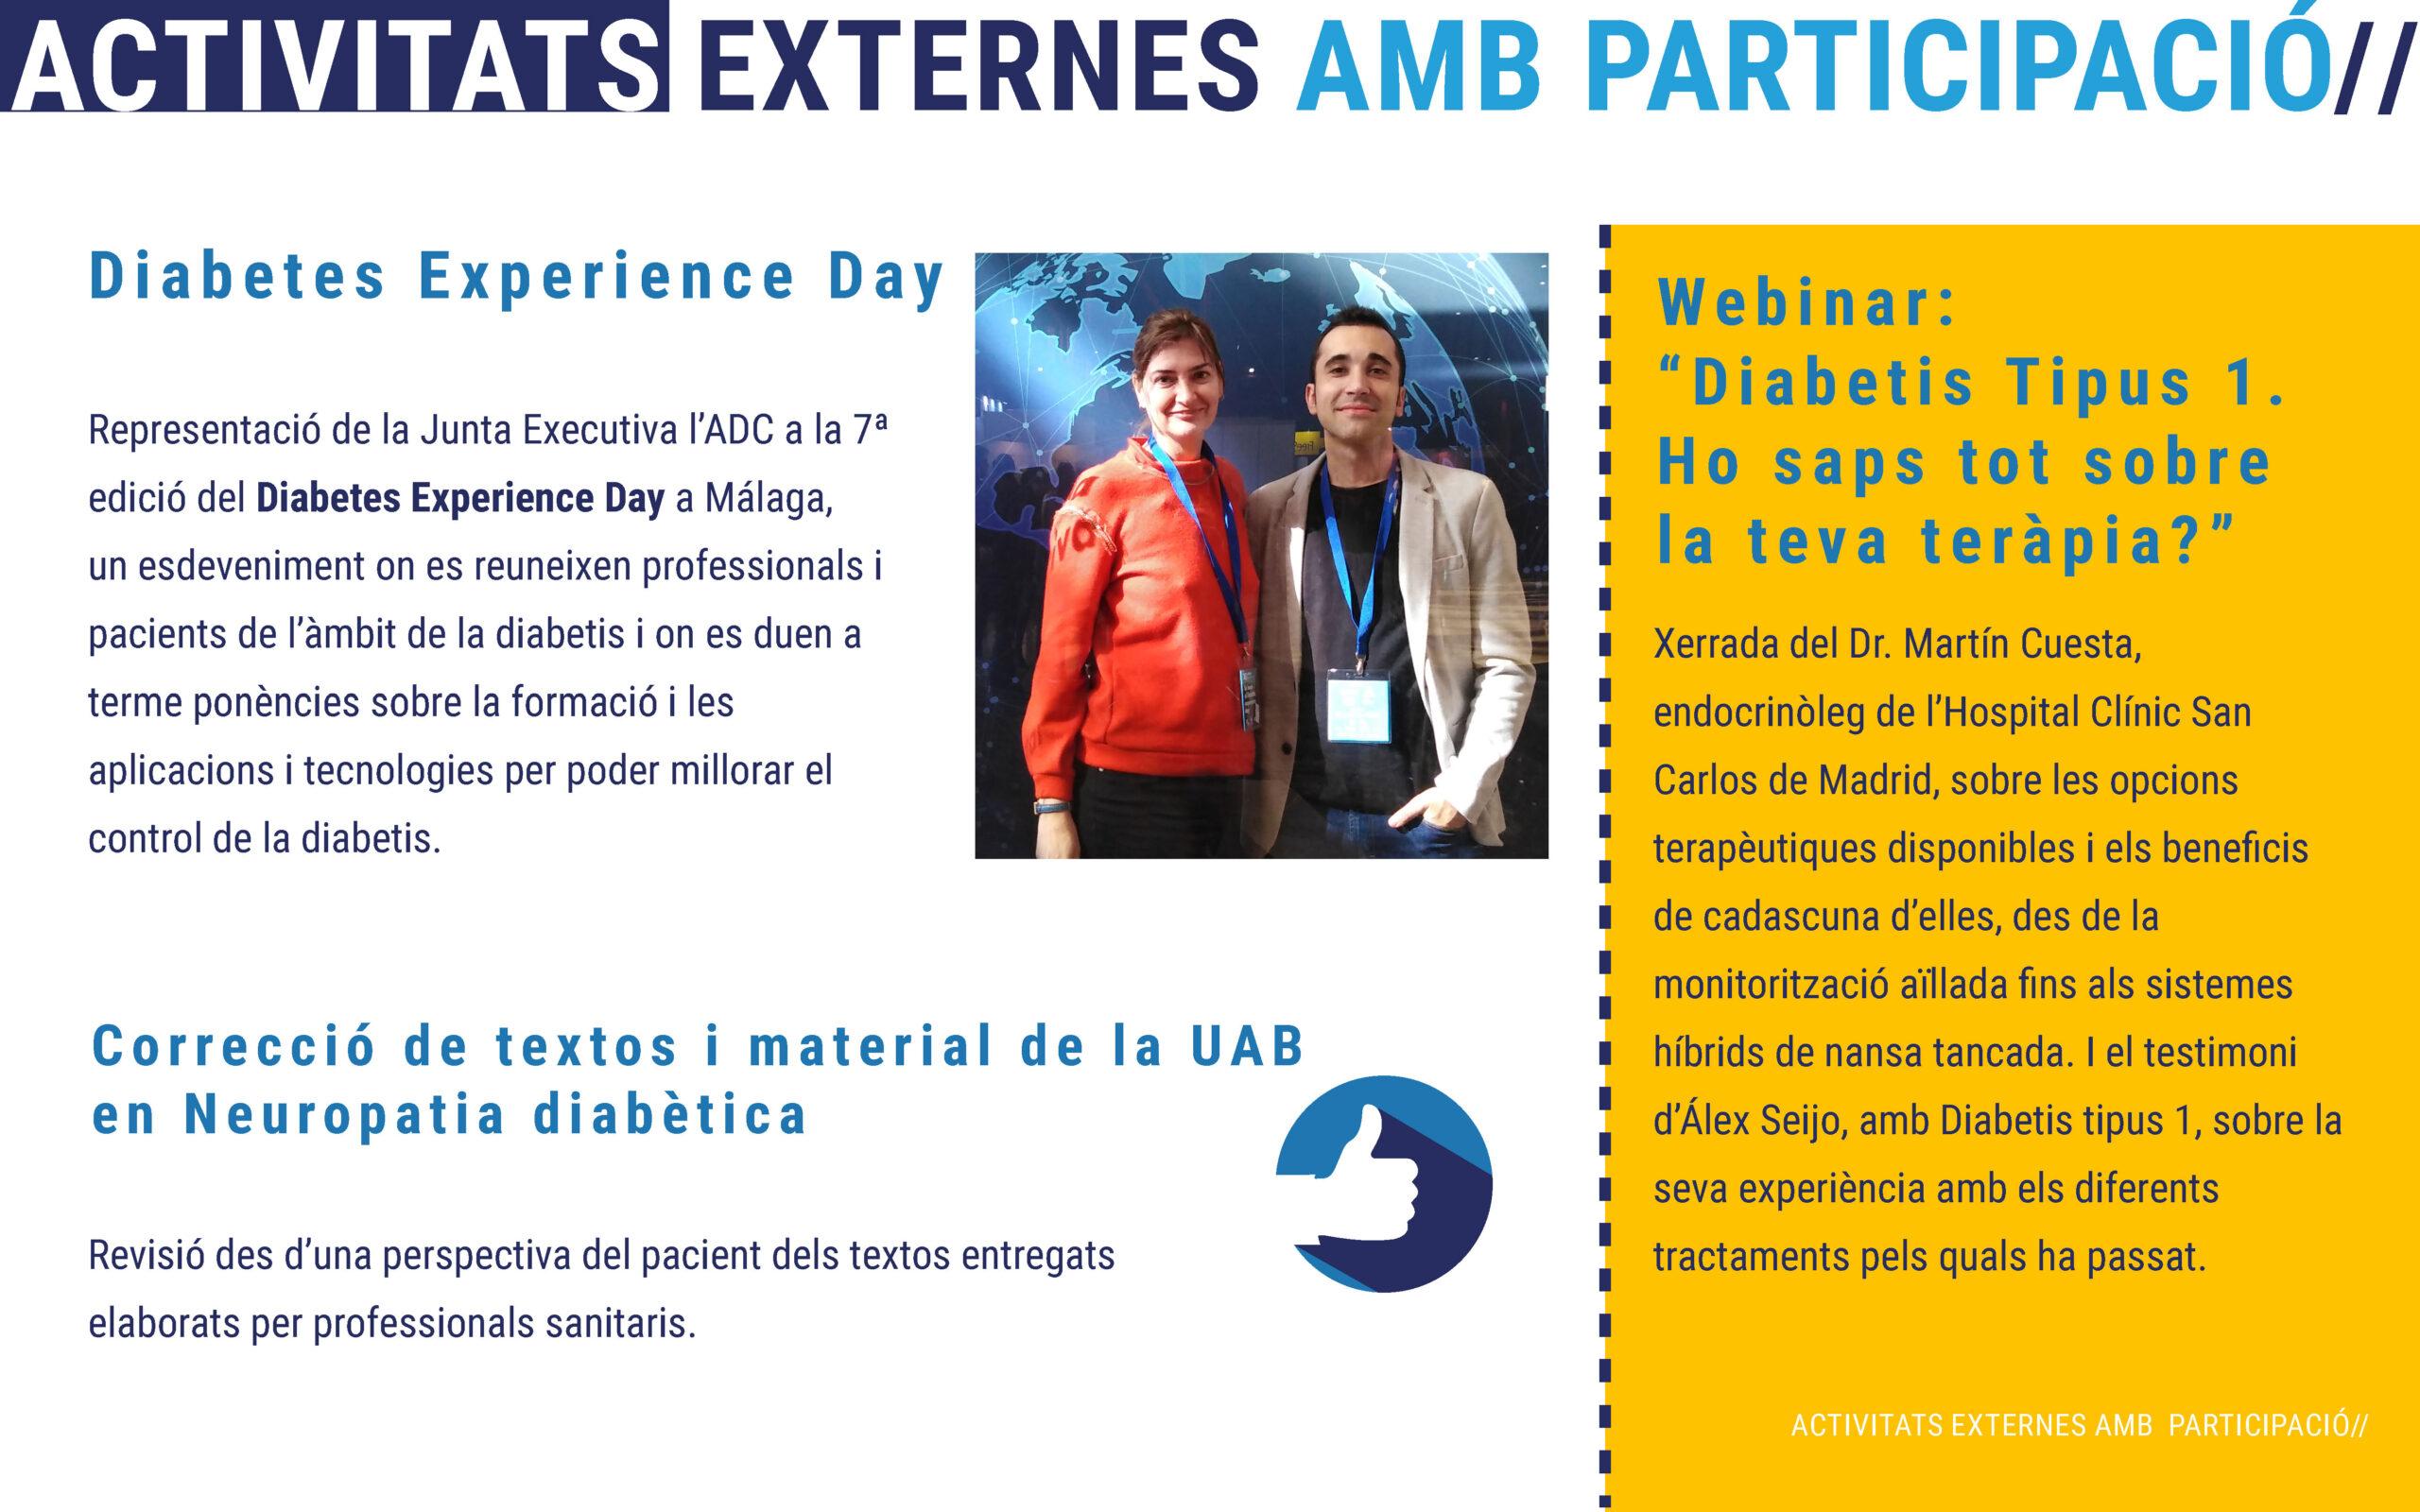 Activitats de l'Associació de diabetis de catalunya